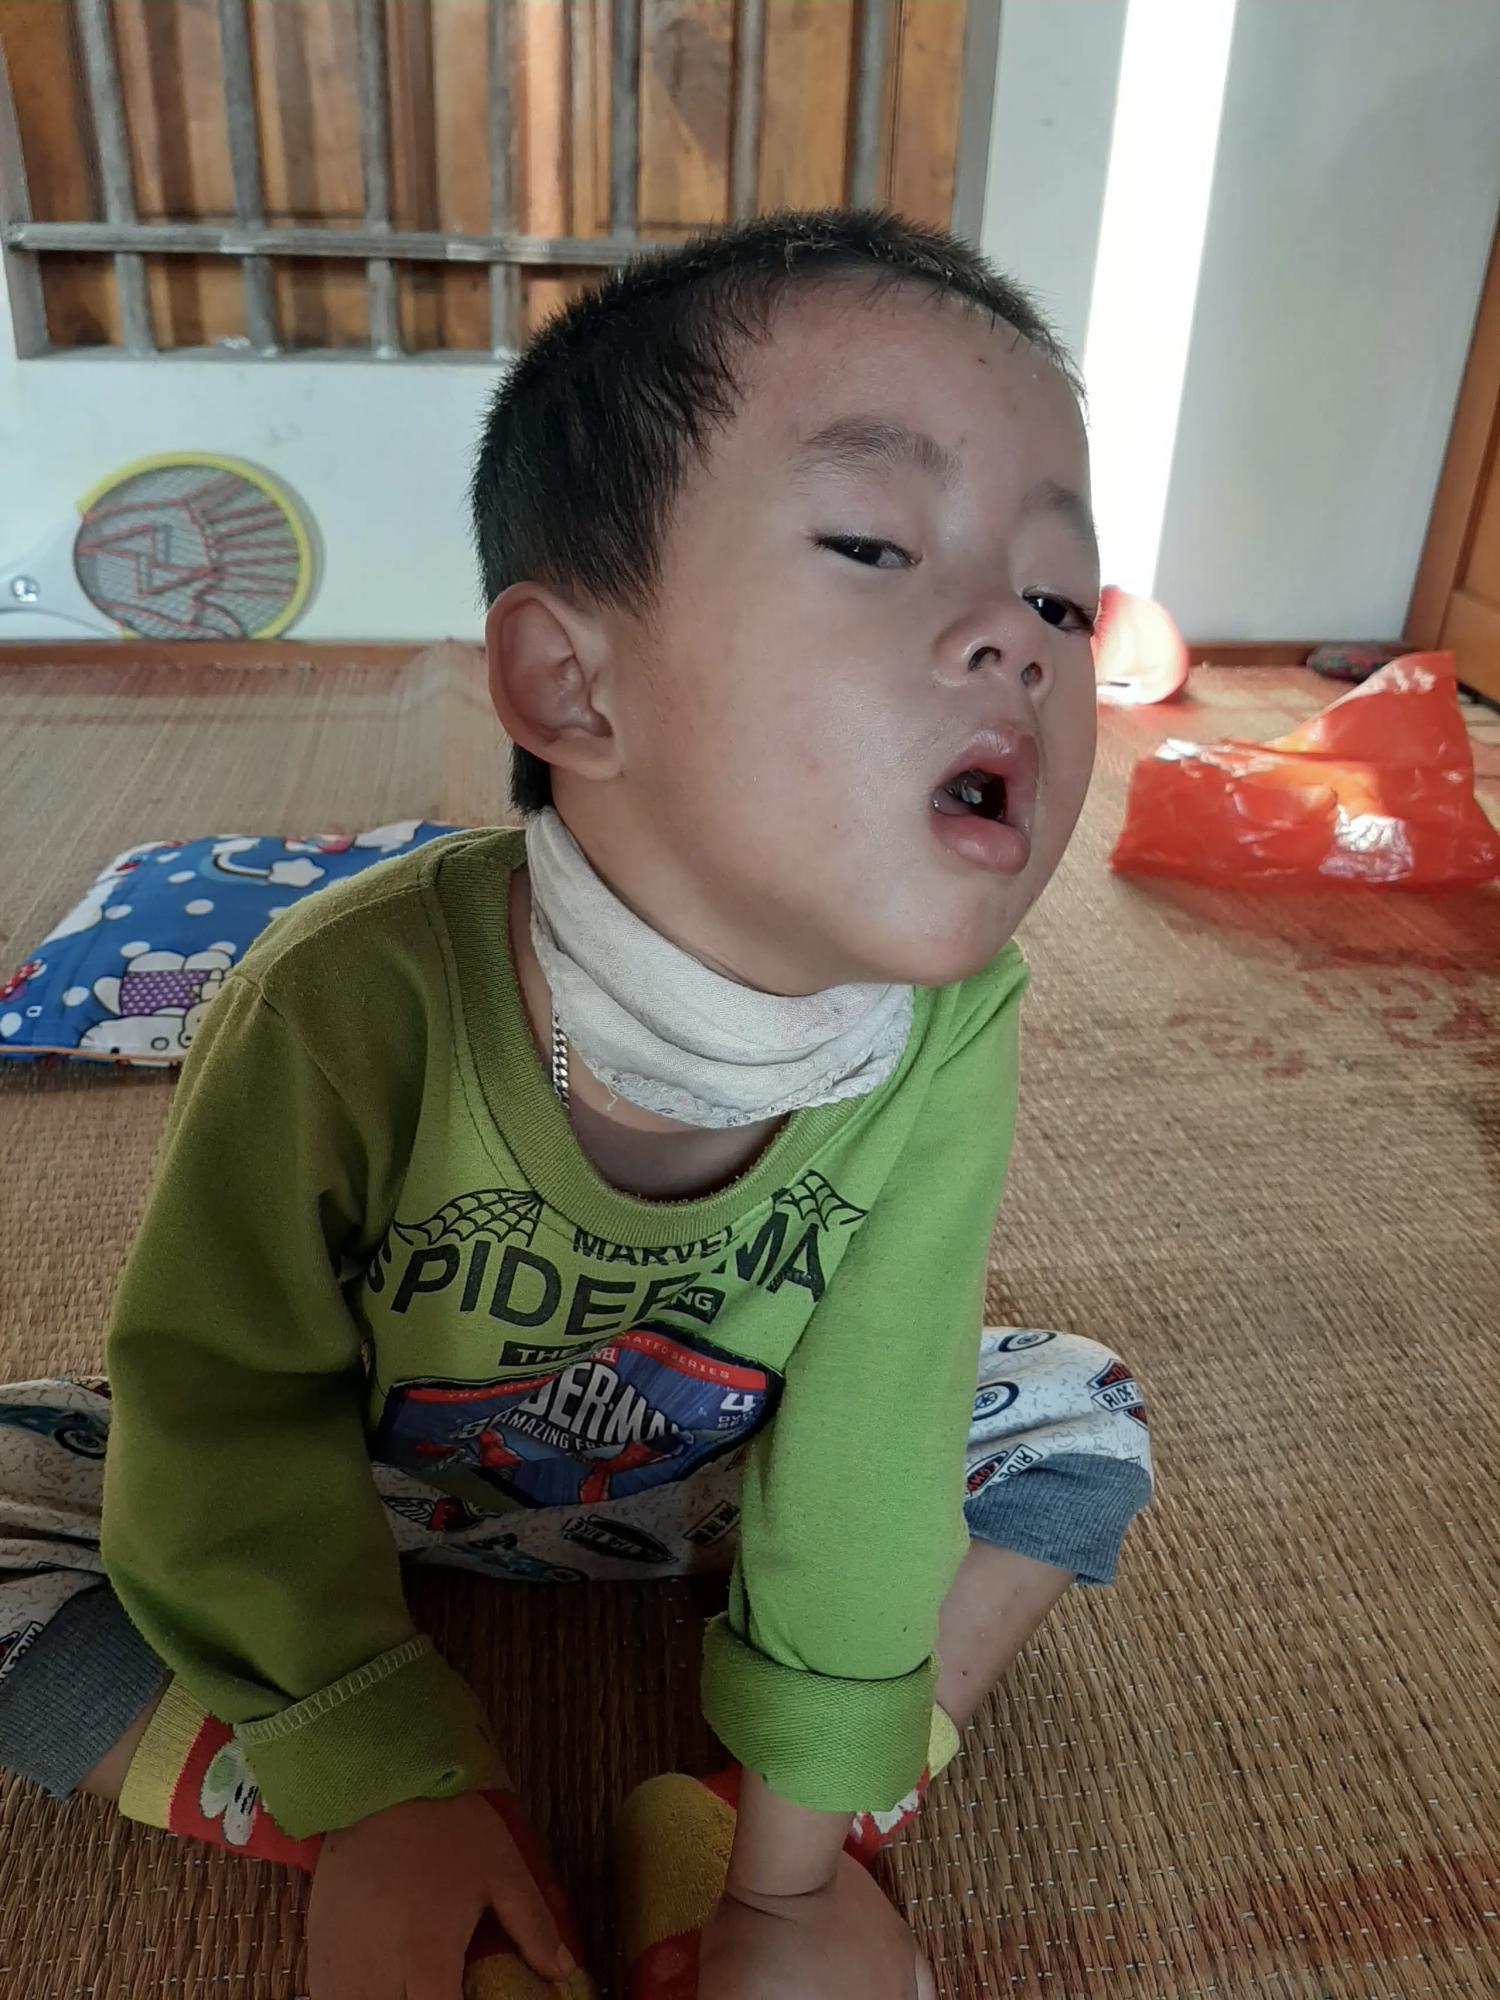 4 đứa con sinh ra đều lần lượt chết yểu, người mẹ đau đớn chắp tay khẩn cầu cộng đồng cứu lấy đứa con còn lại - Ảnh 7